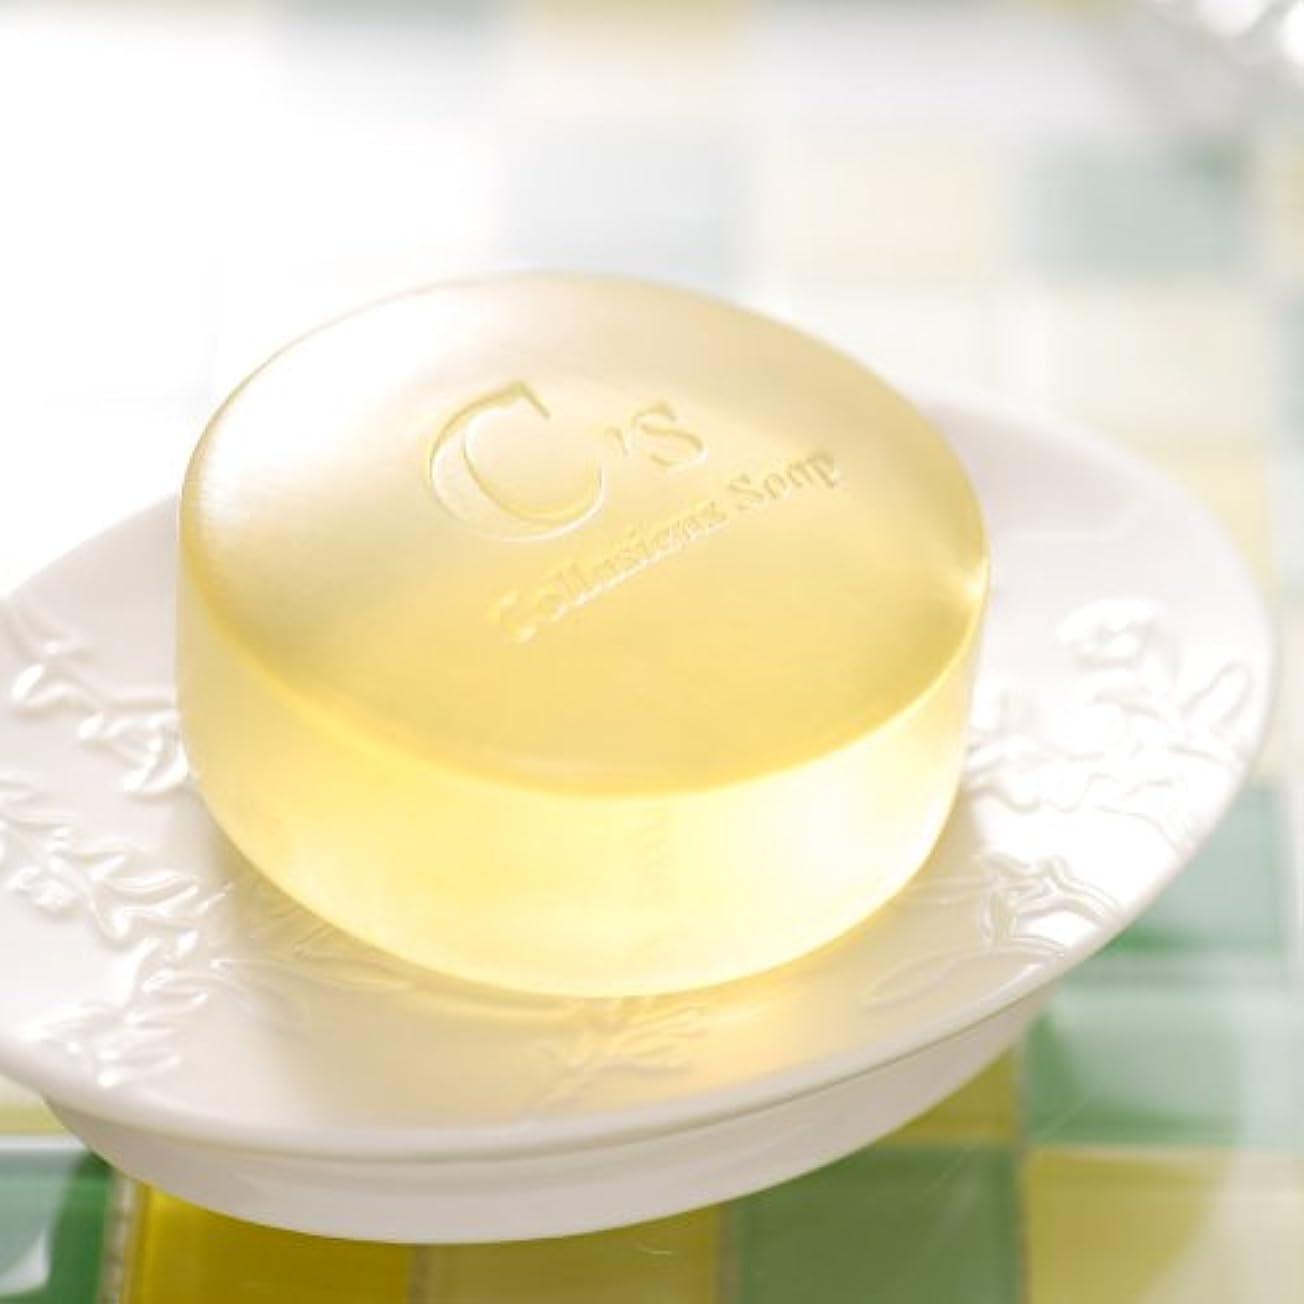 肌理石鹸(きめせっけん)☆90日間熟成させた手作りソープ